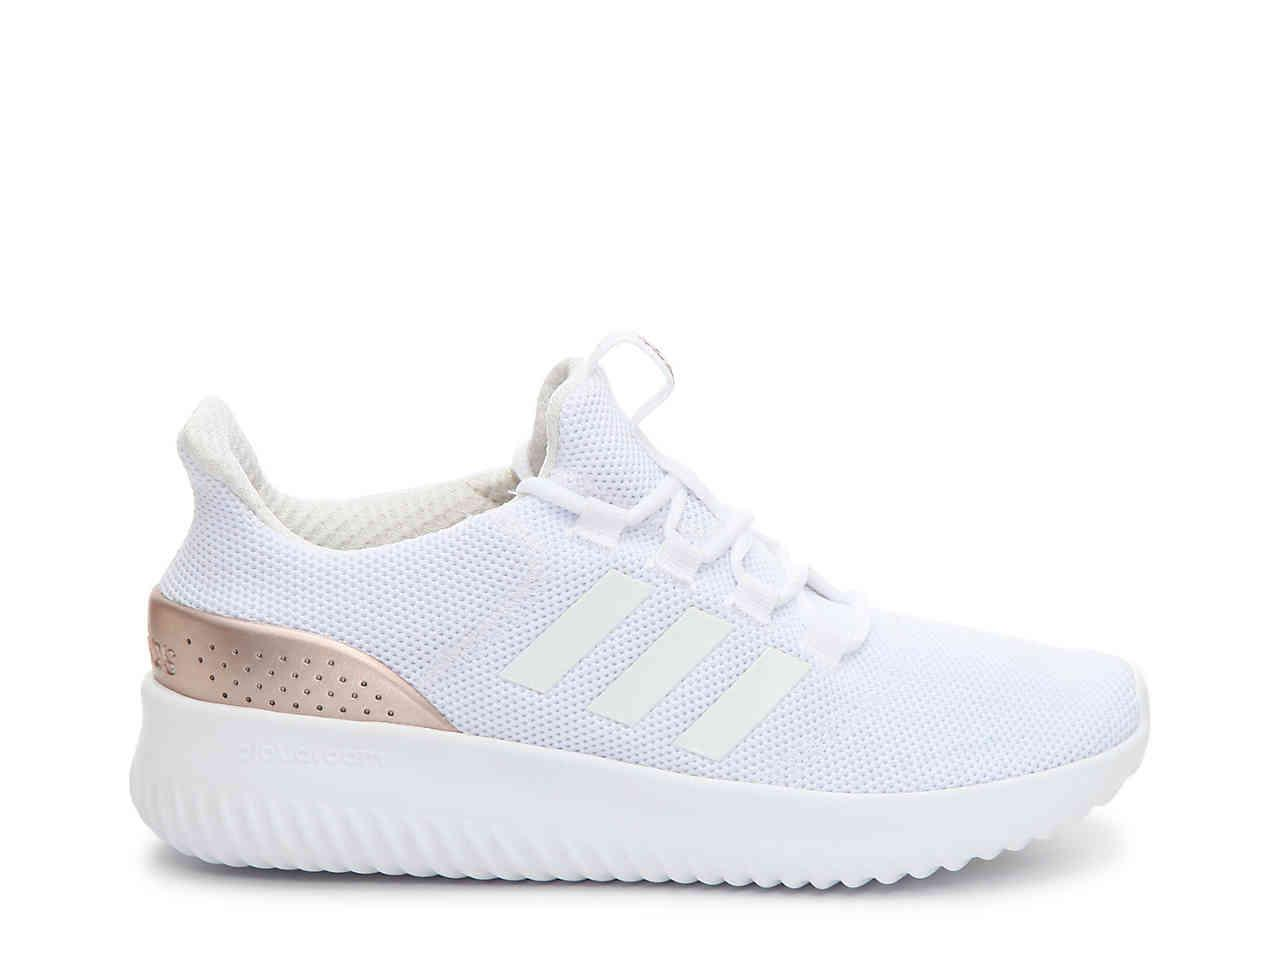 Cloudfoam Ultimate Sneaker